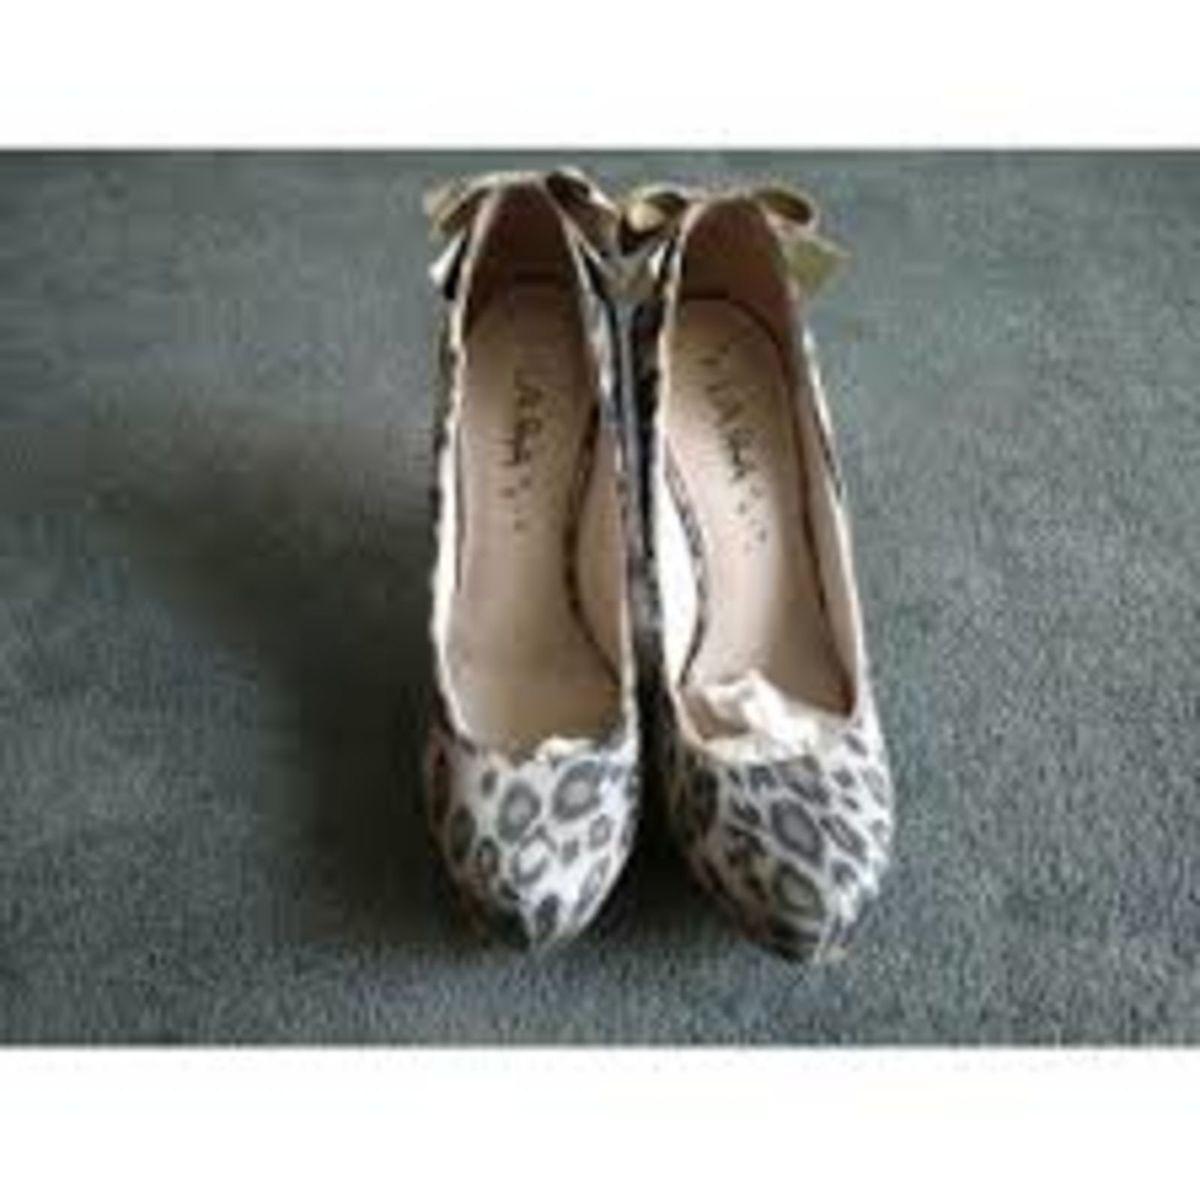 0d6a5fa46ac62 sapato scarpin lara costa meia pata onça marrom(brechó) - 37 - sapatos lara